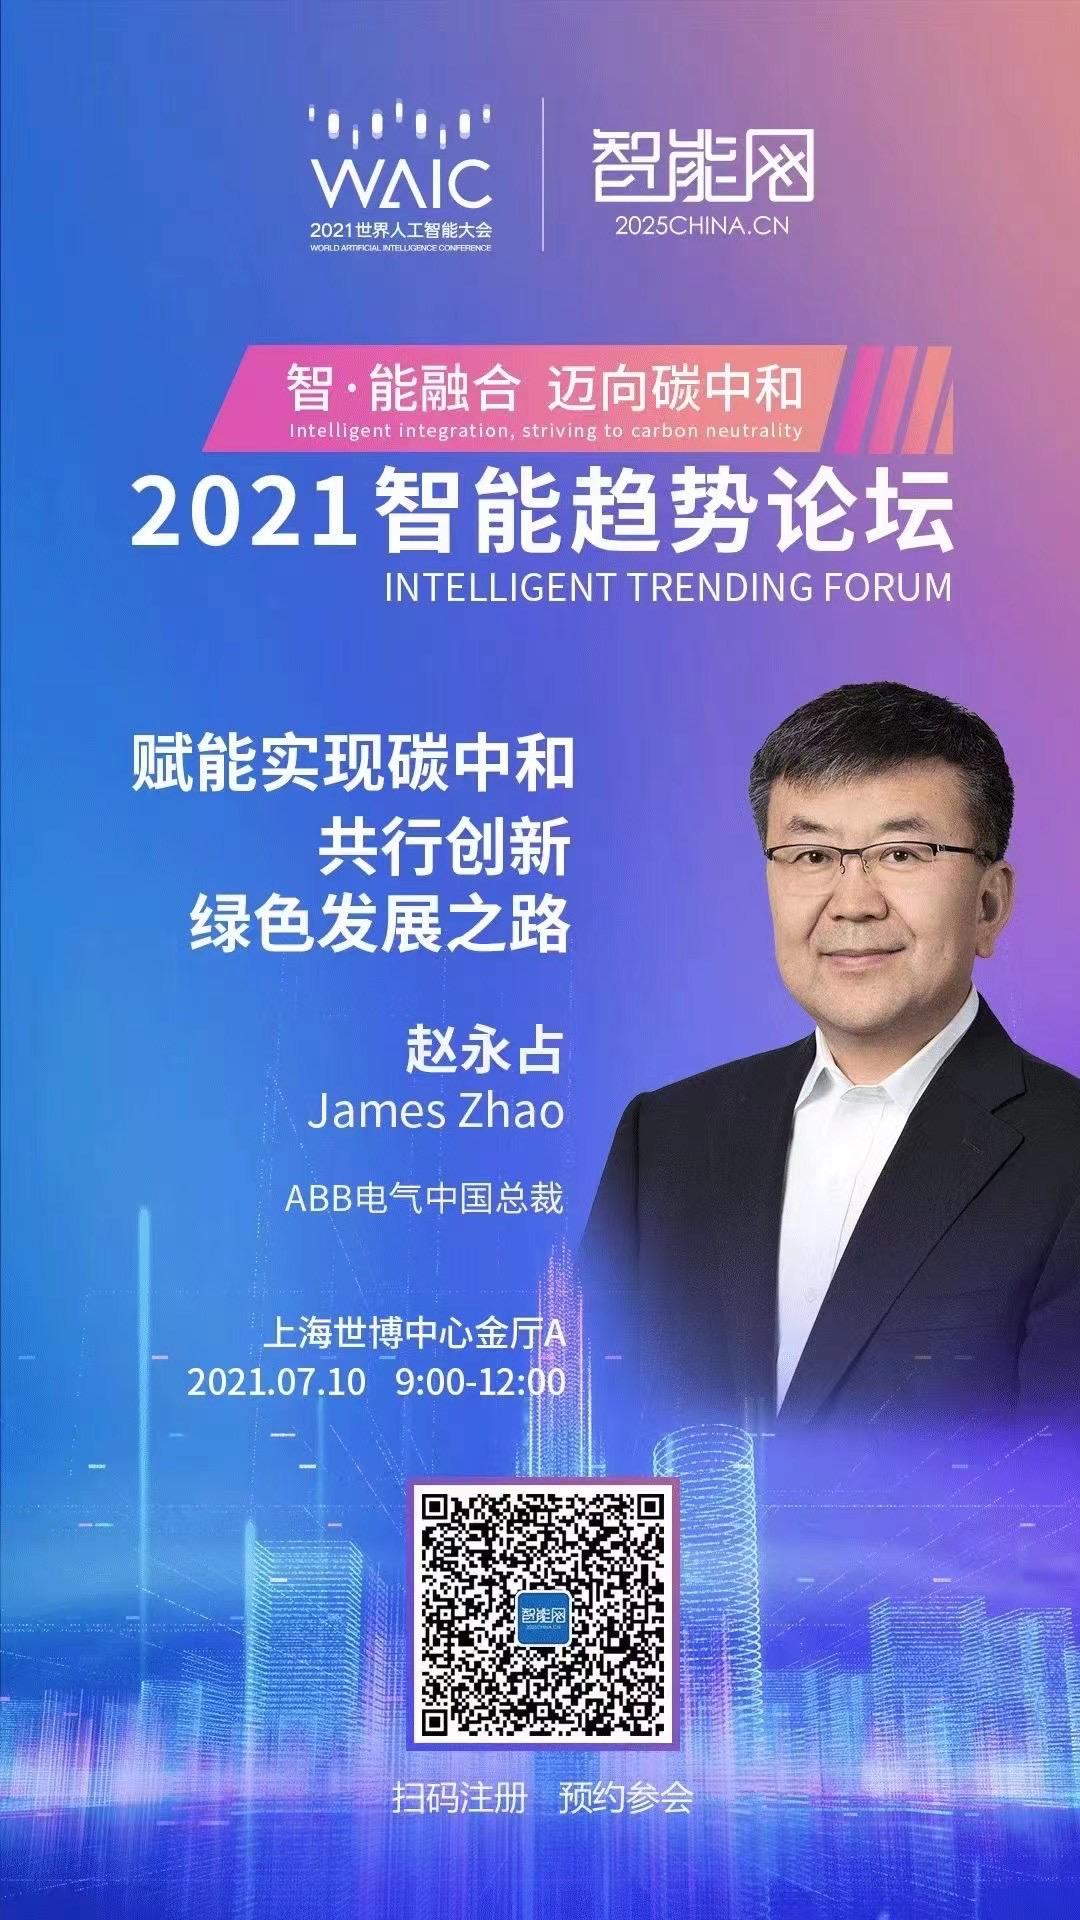 """ABB电气中国总裁赵永占将在""""智能融合 迈向碳中和――WAIC智能趋势论坛""""上发表主旨演讲"""